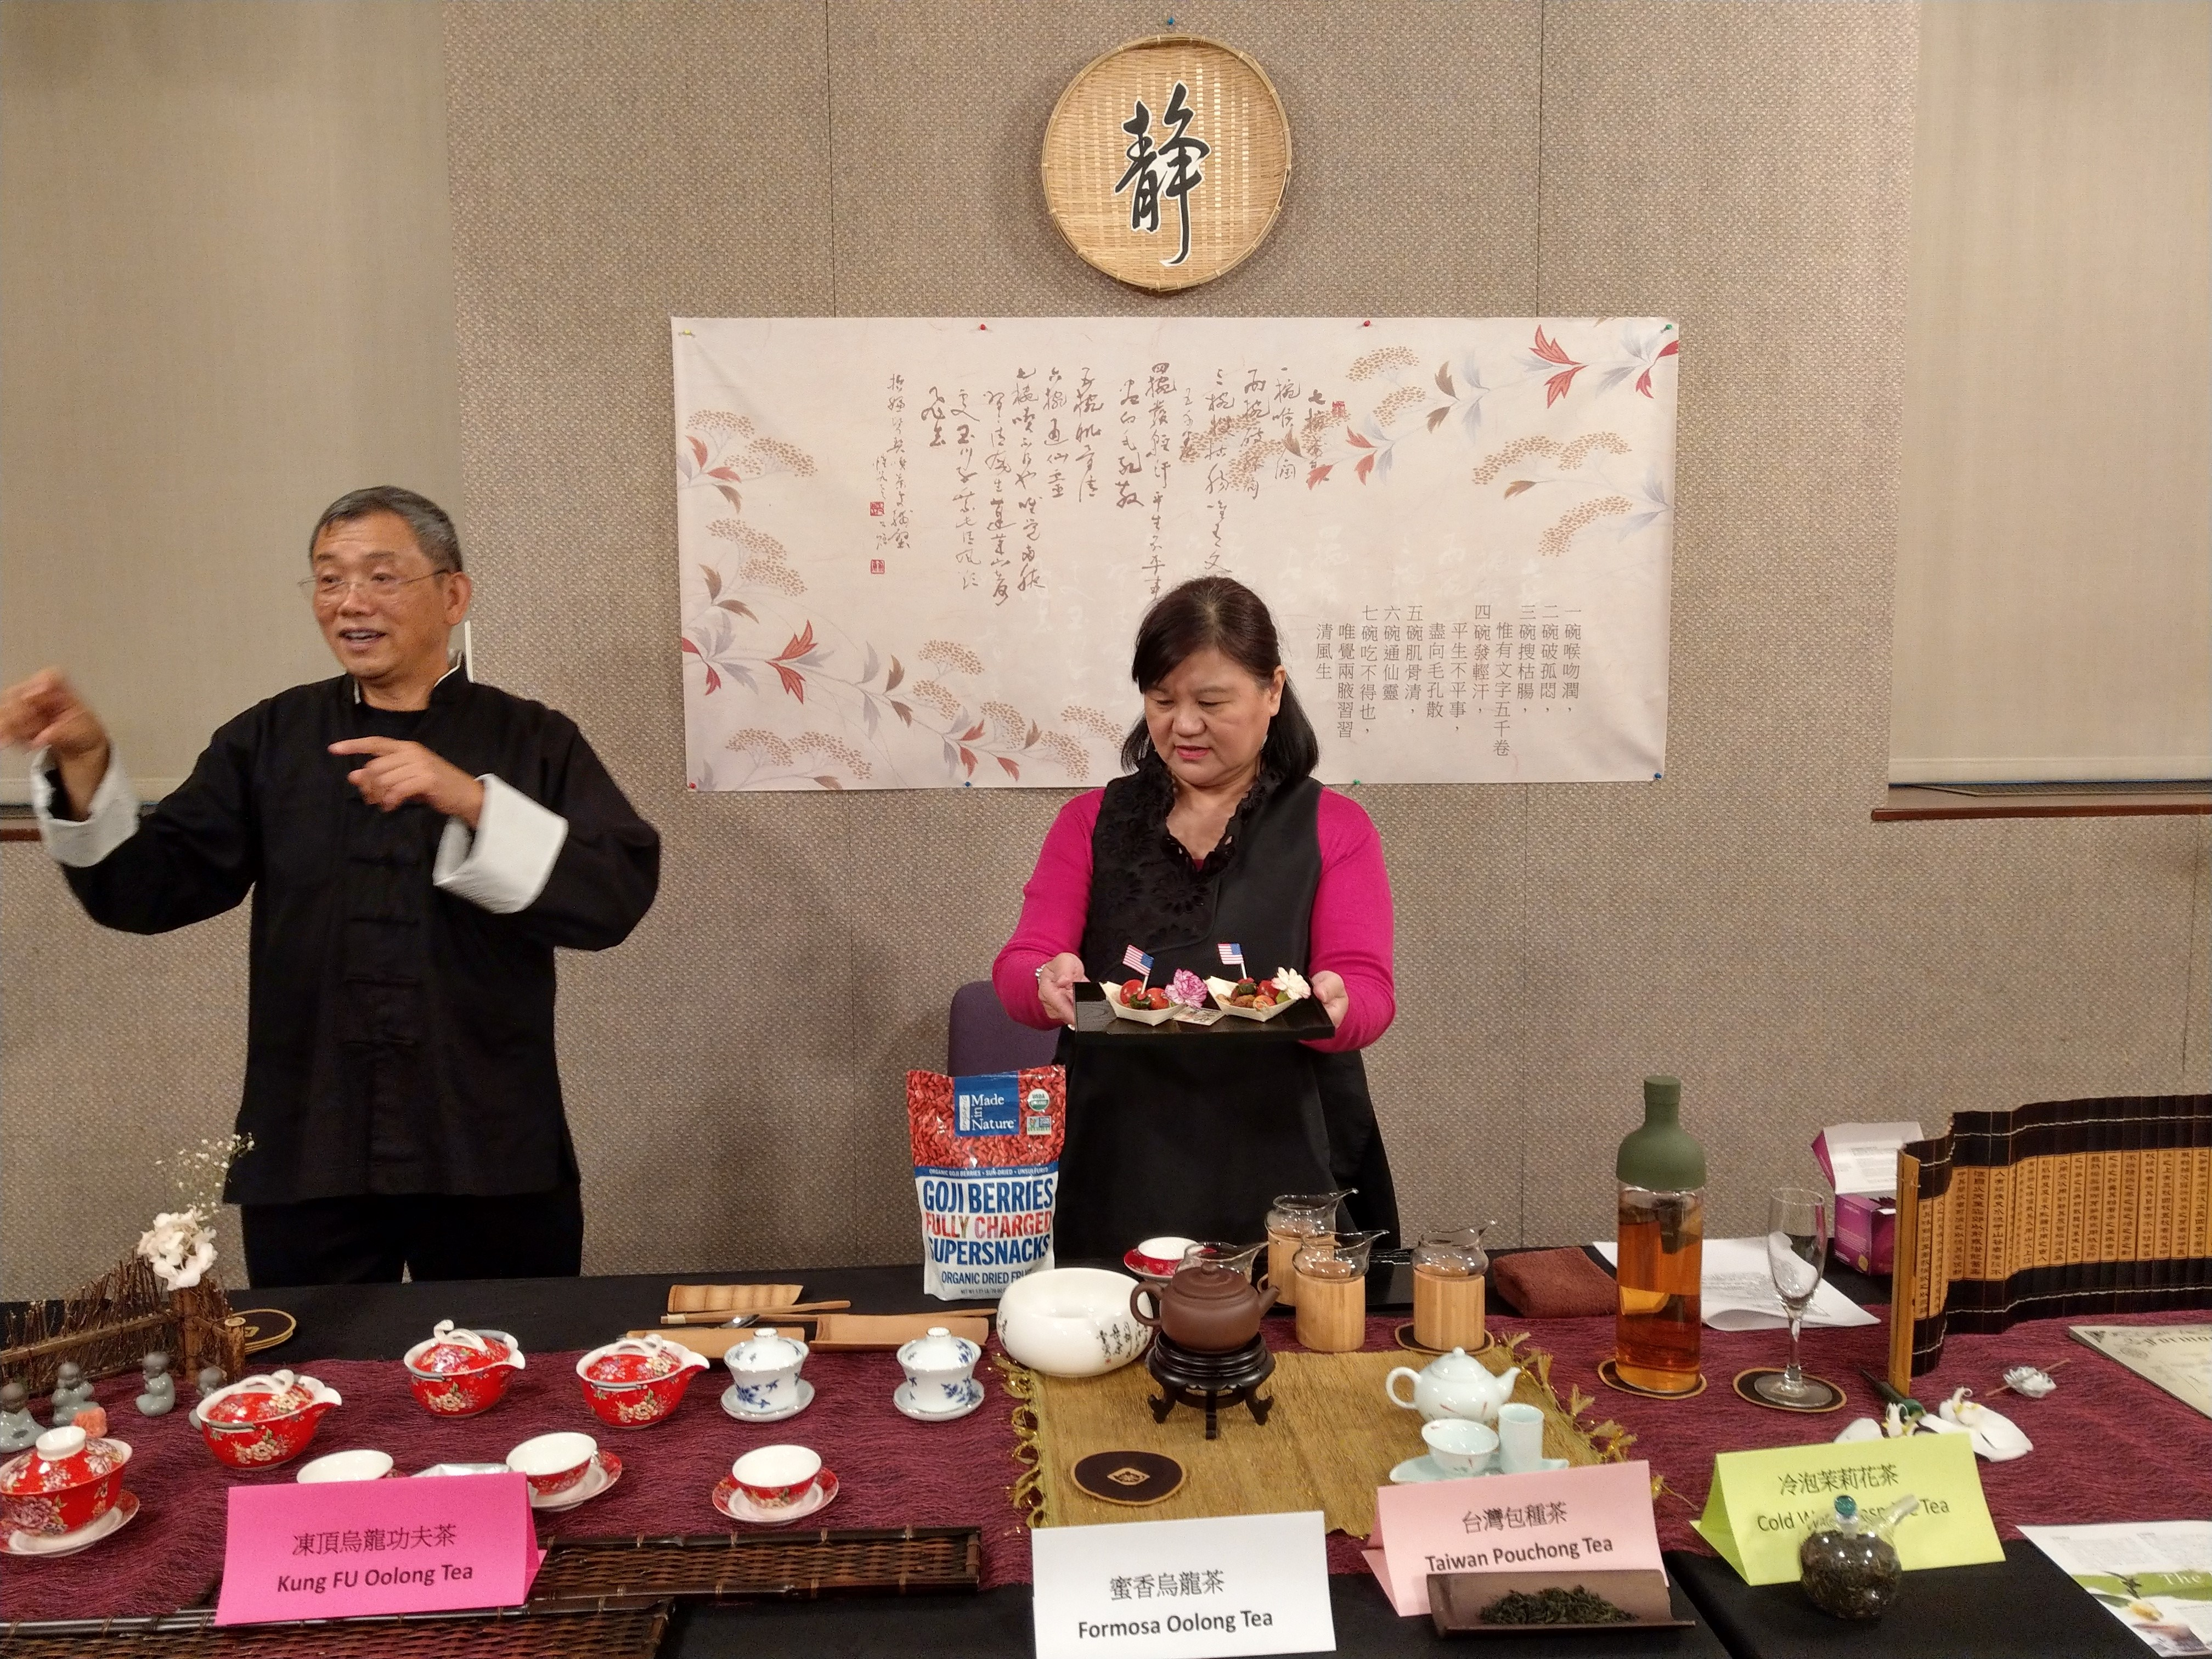 中華茶文會學會會長楊綺貞(右)日前在洛杉磯公立中央圖書館介紹泡茶精髓。主辦方供